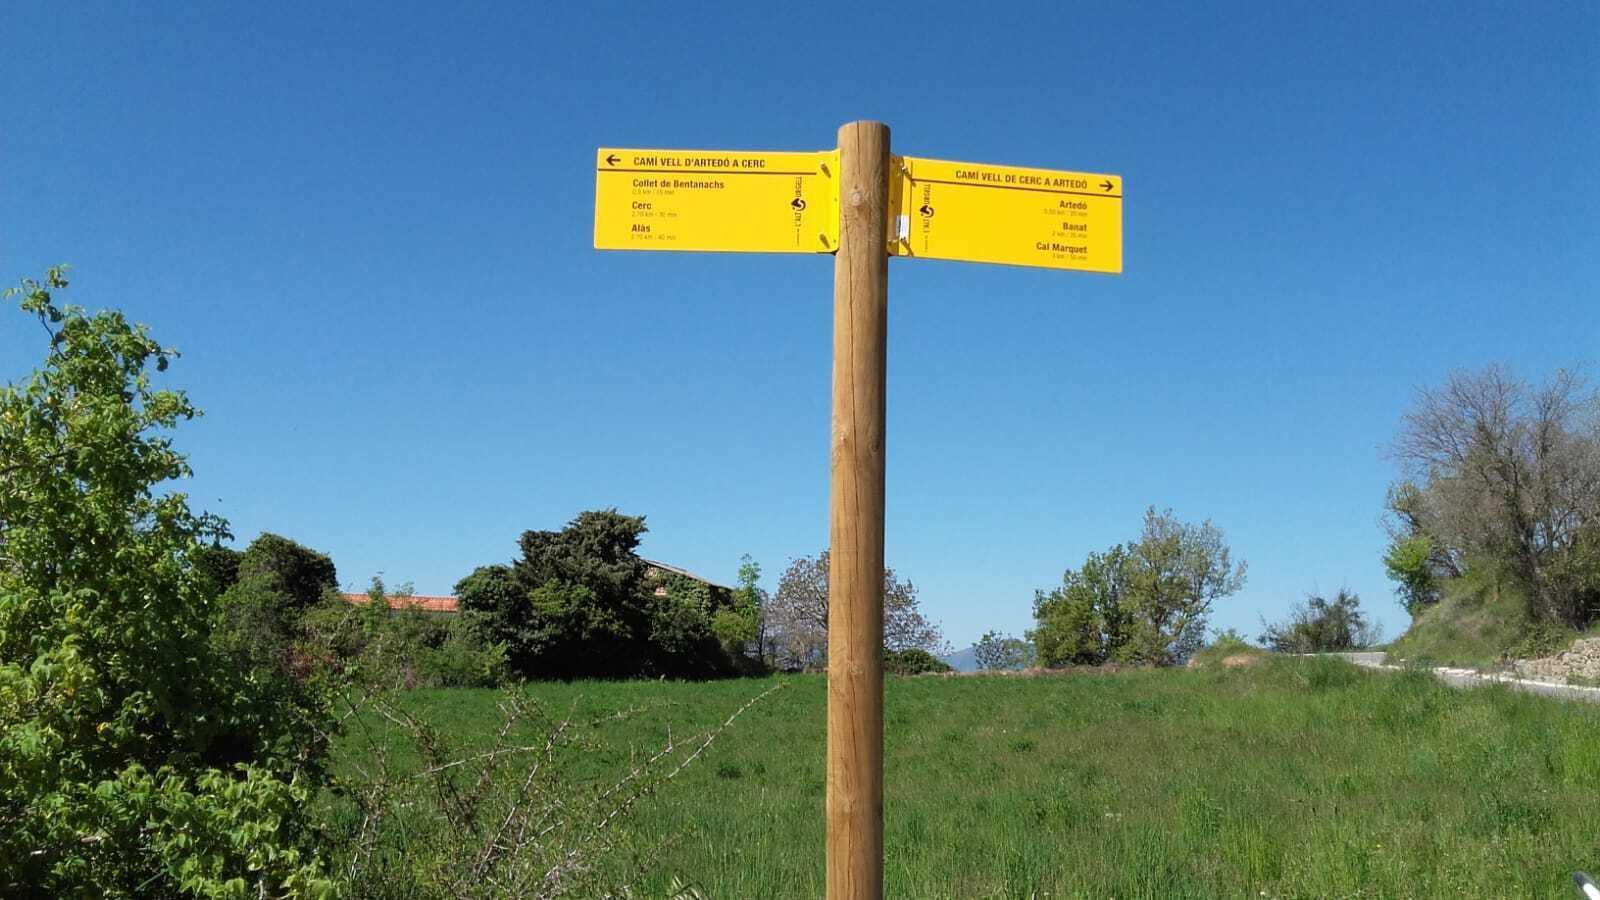 Un indicador de senders al municipi d'Alàs i Cerc. / CONSELL COMARCAL DE L'ALT URGELL